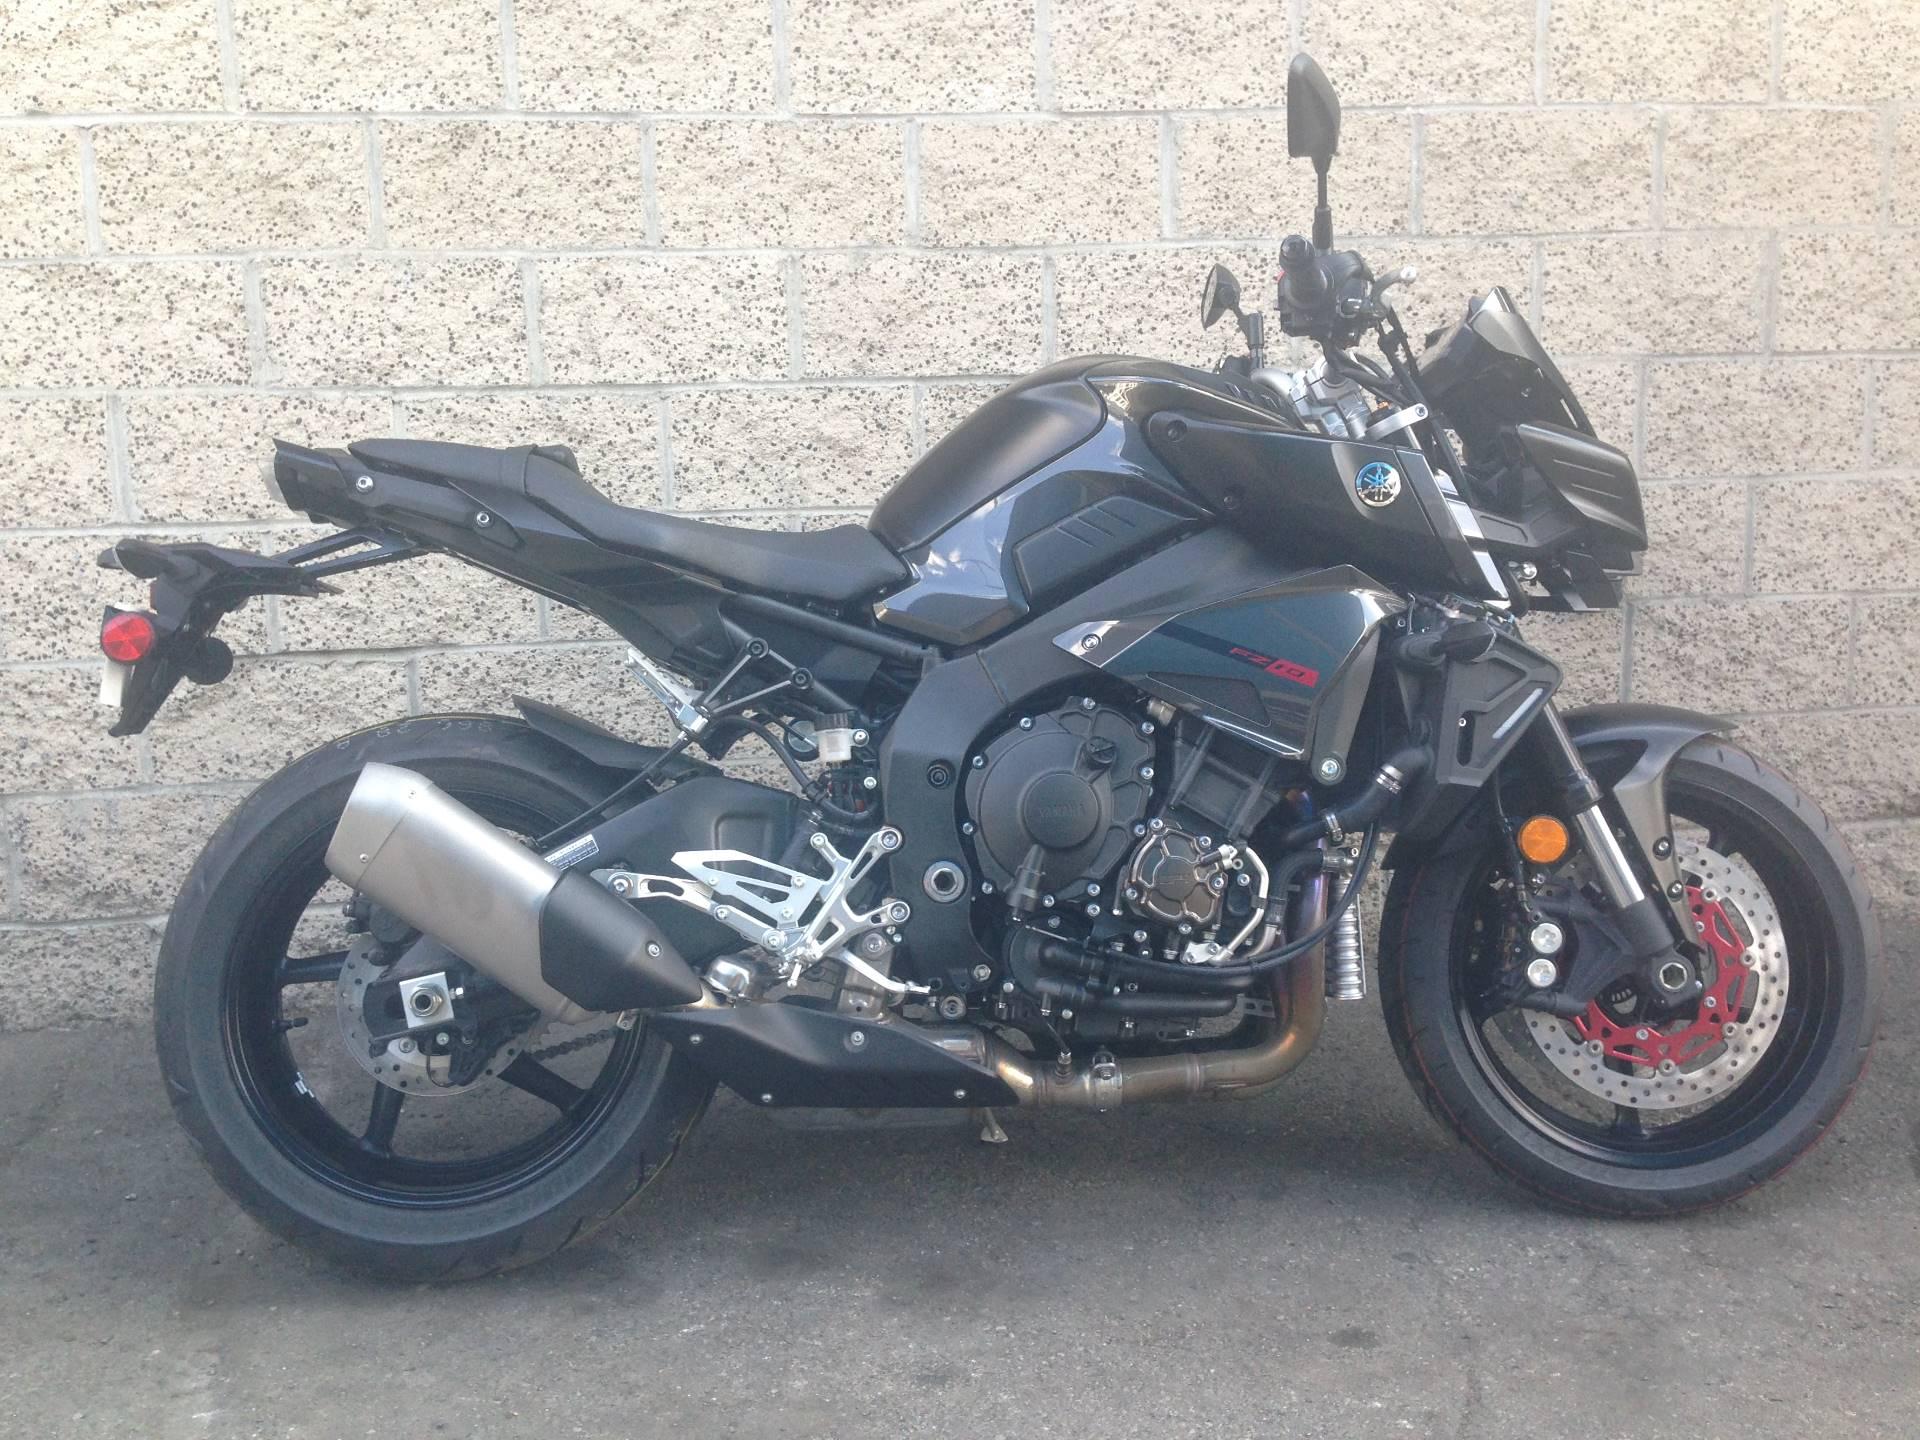 2017 Yamaha FZ-10 7